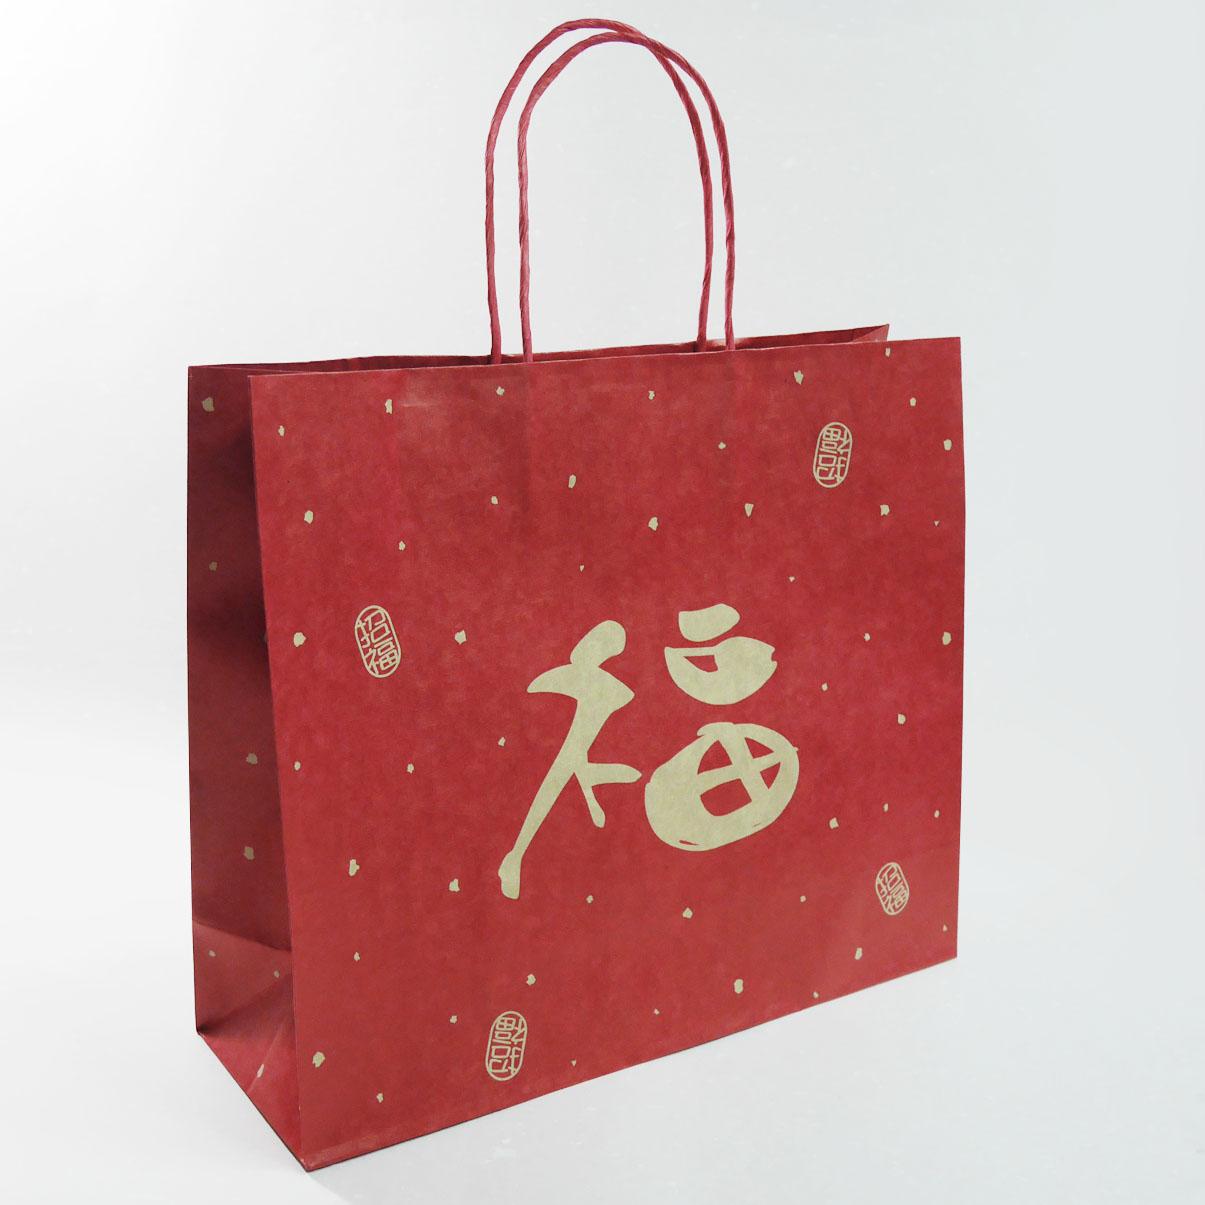 《袋袋相傳》M10 春節紙袋-福紙袋6K.jpg